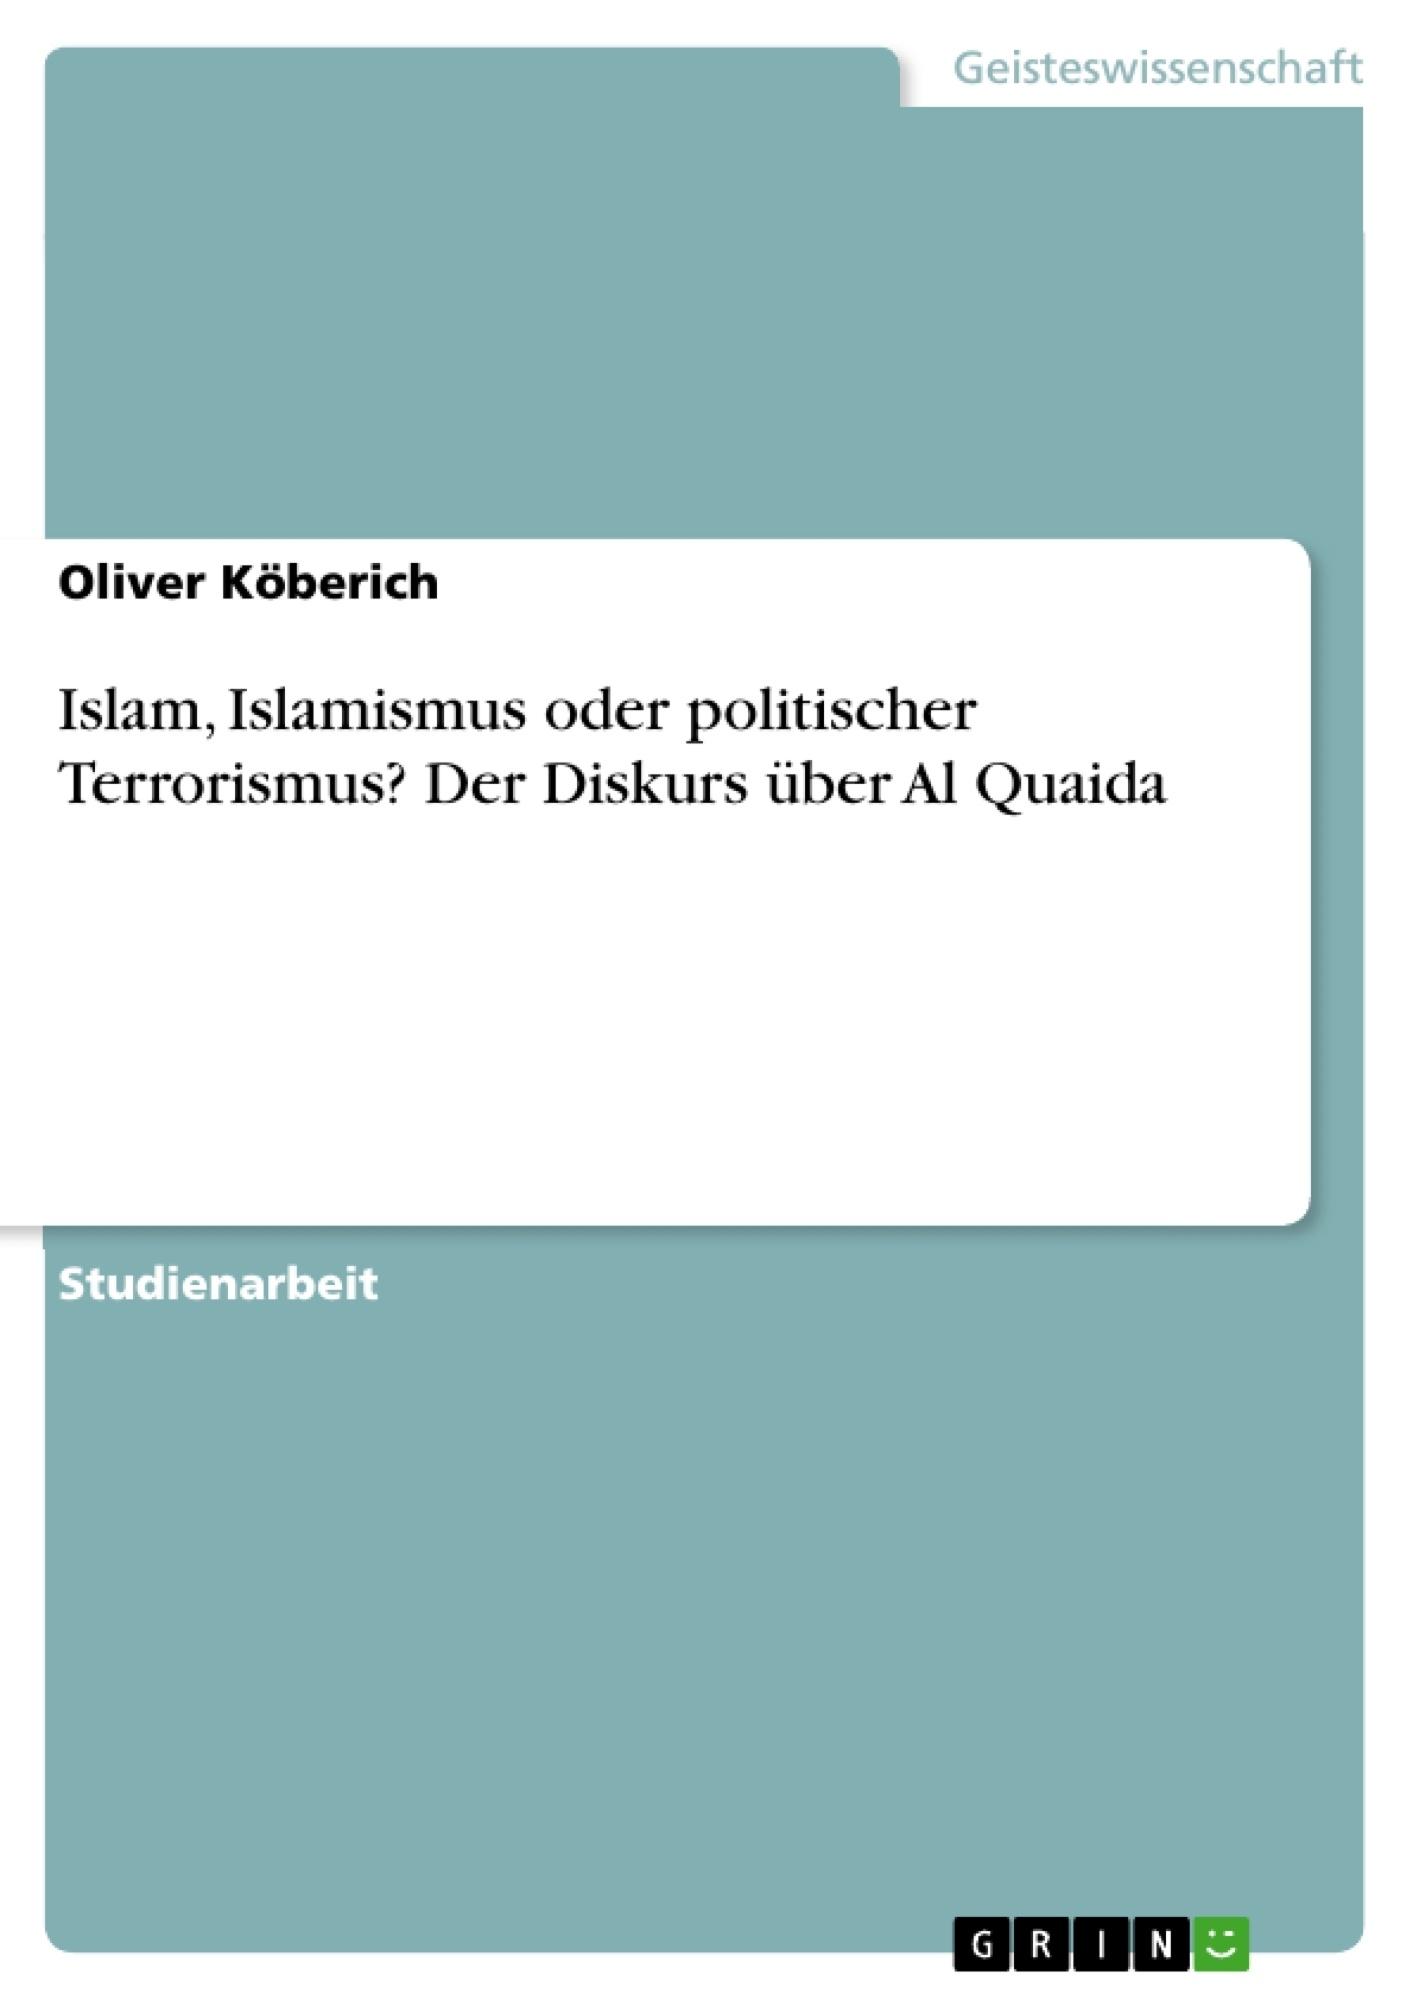 Titel: Islam, Islamismus oder politischer Terrorismus? Der Diskurs über Al Quaida